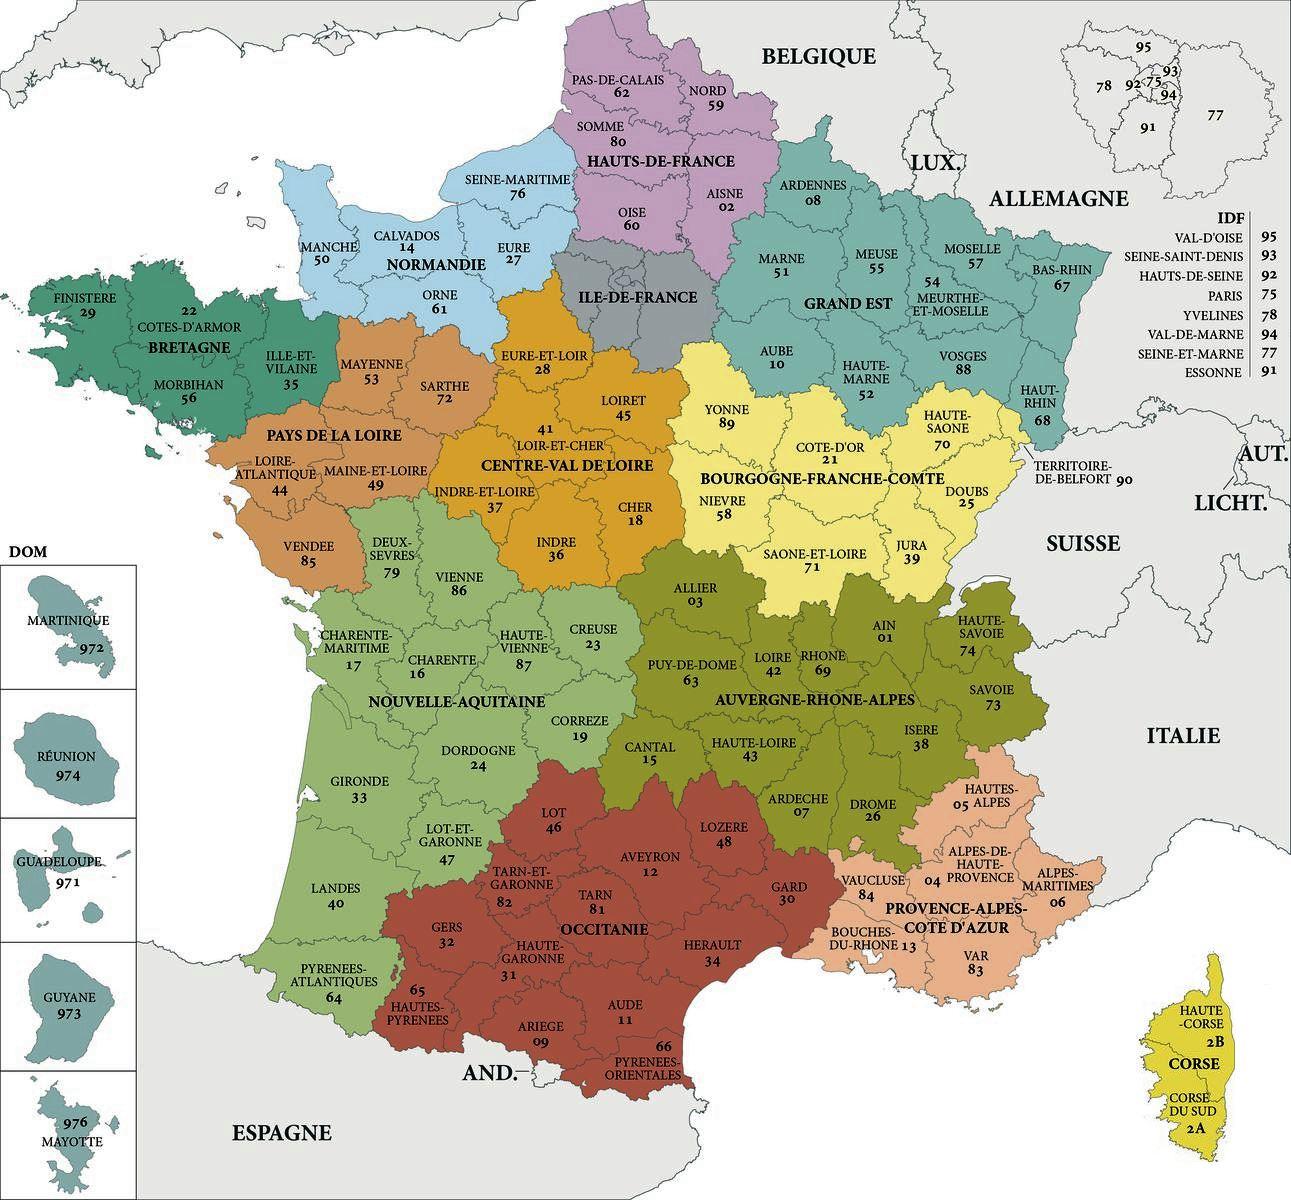 Carte De France Departements : Carte Des Départements De France tout Carte De France A Imprimer